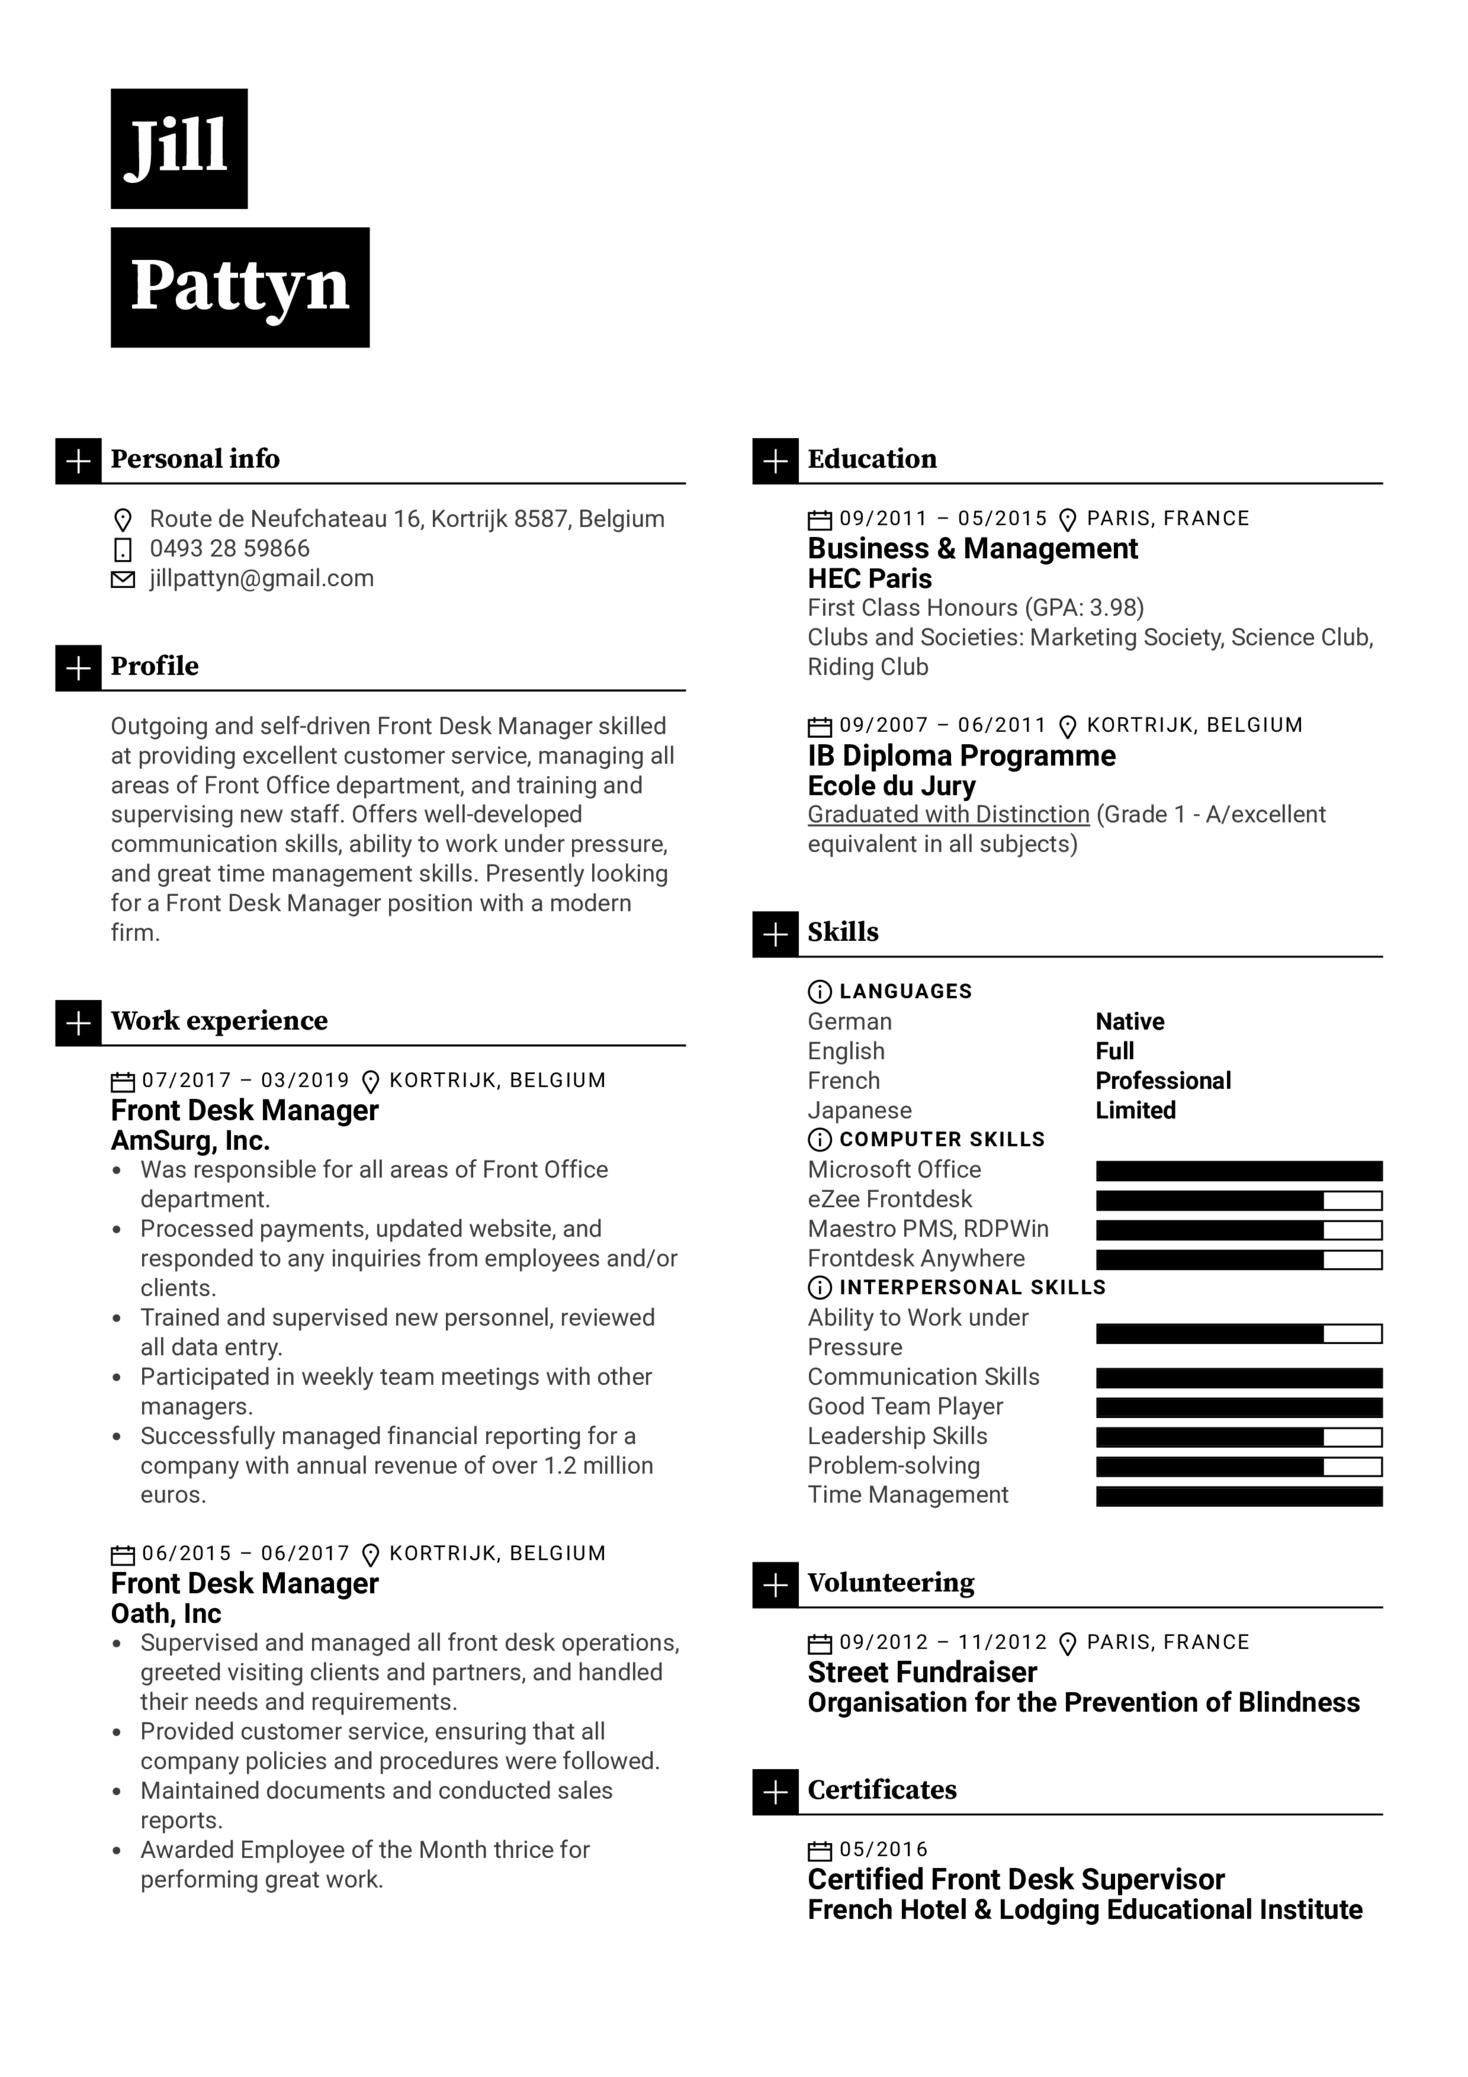 Front Desk Manager Resume Sample (parte 1)